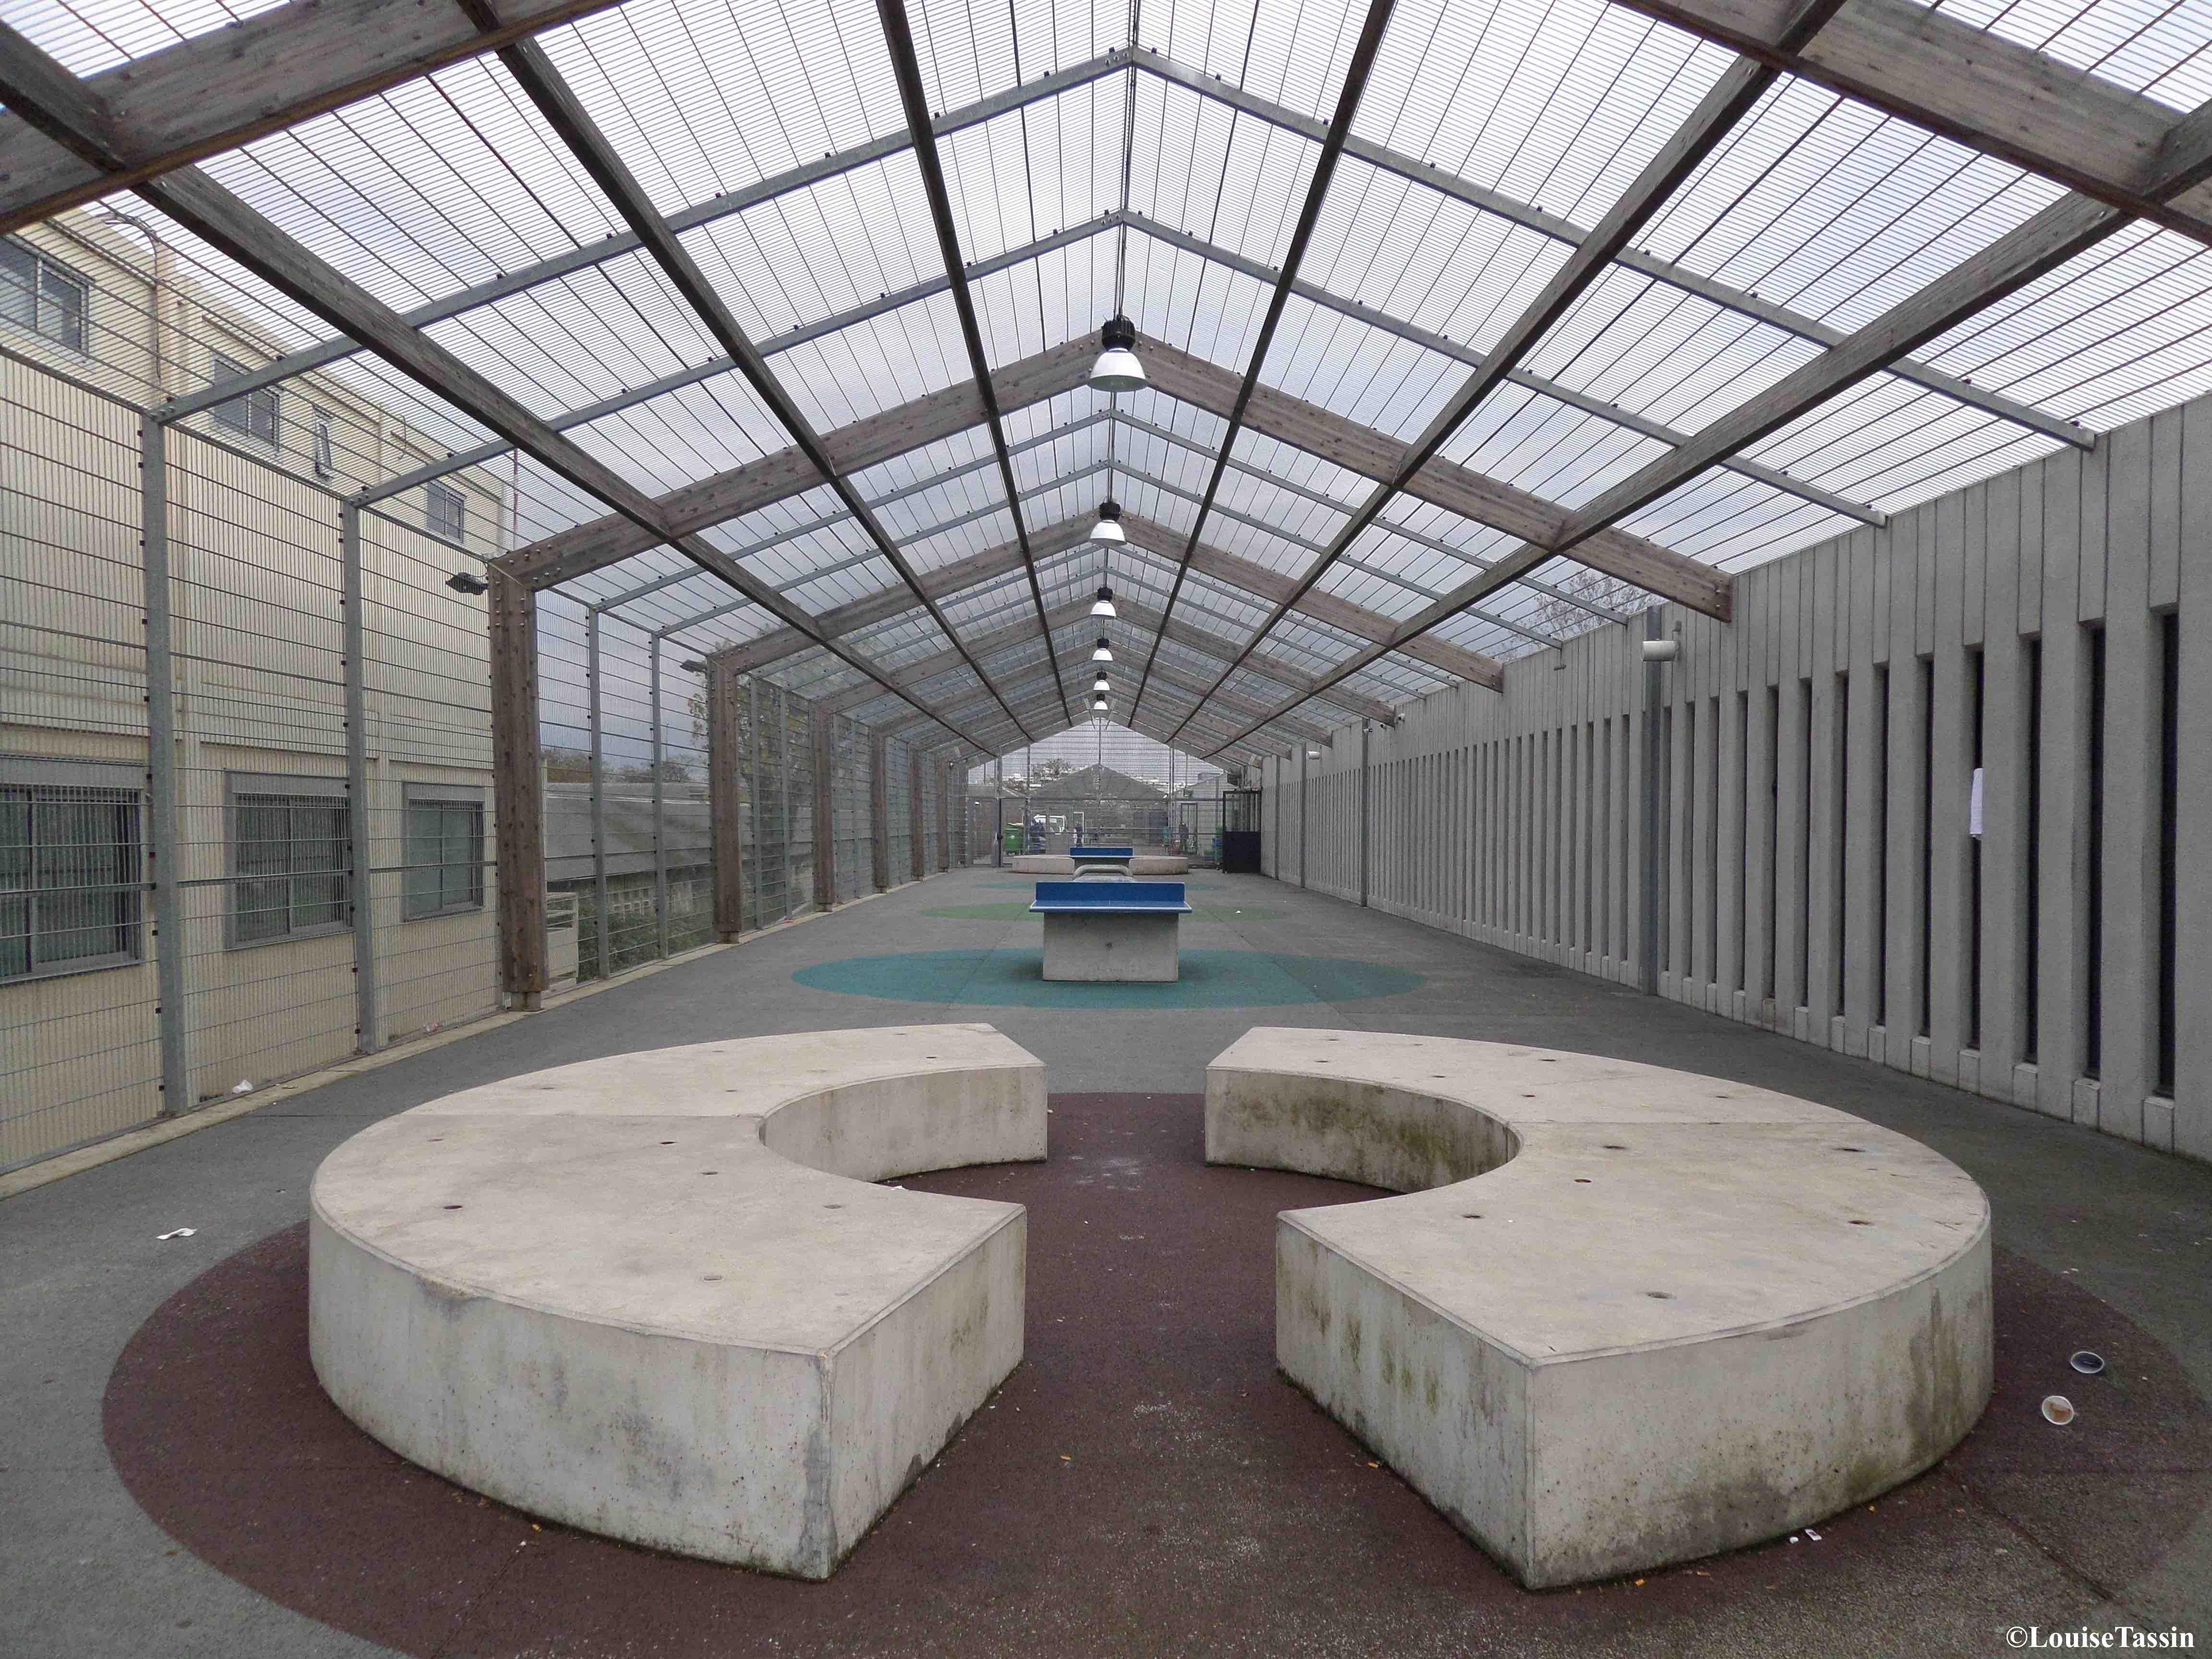 1. Cour extérieure dans le centre de rétention de Paris-Vincennes en novembre 2014 (Louise Tassin)